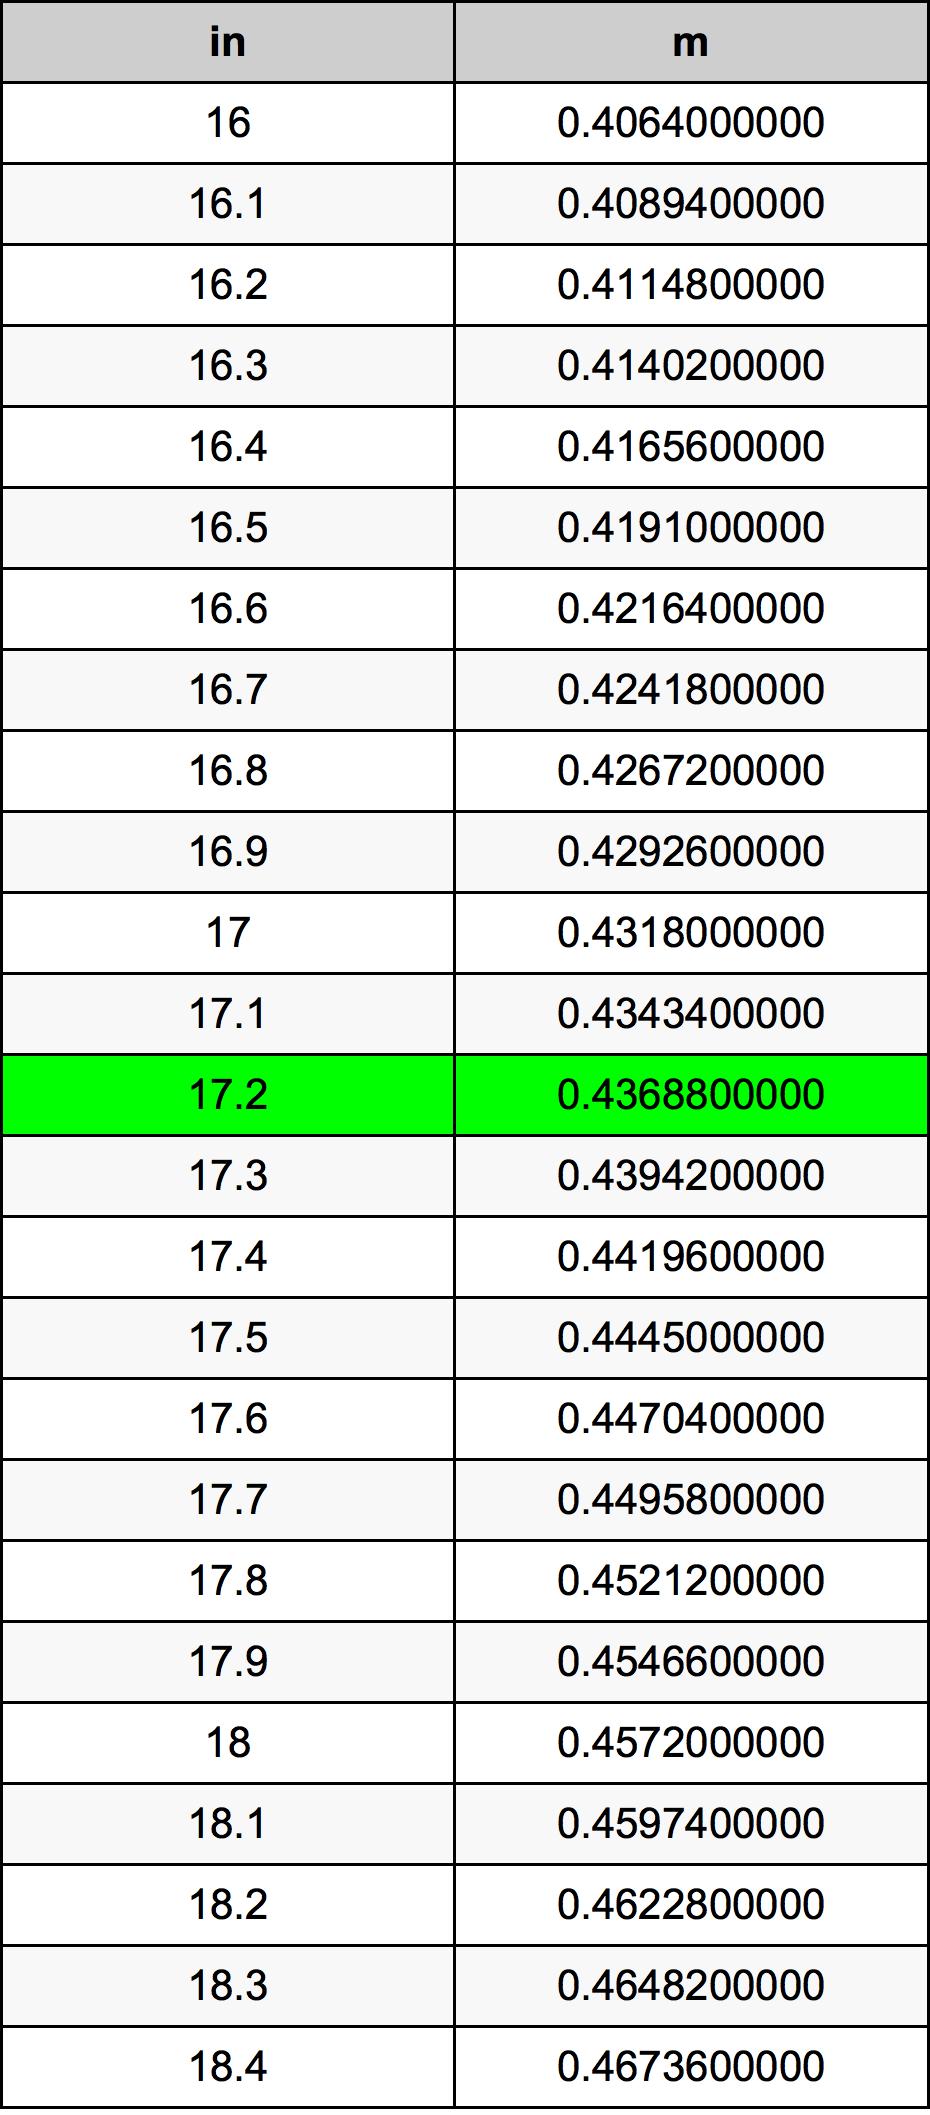 17.2 Inch bảng chuyển đổi